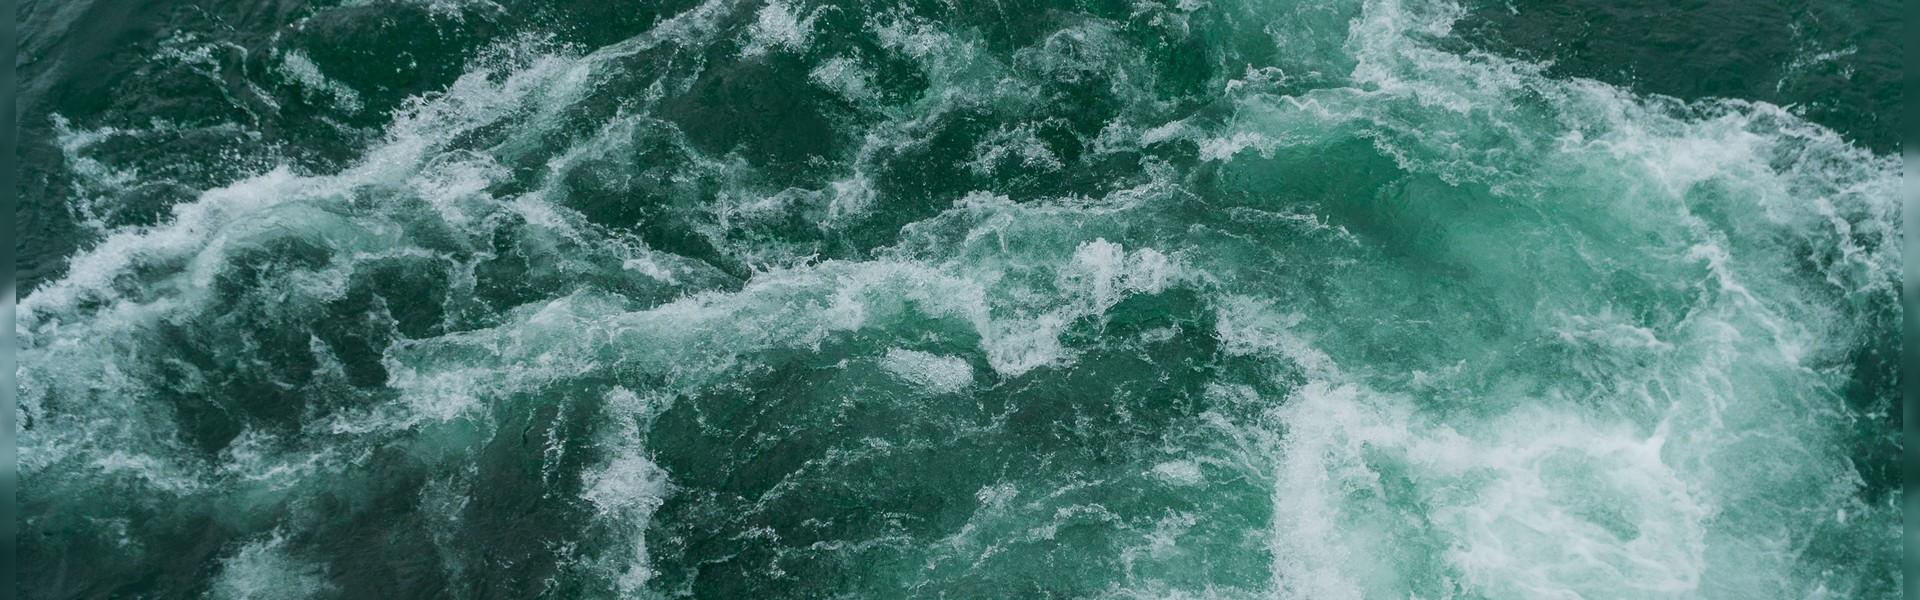 Специалисты обсудили текущую гидрологическую обстановку на Байкале